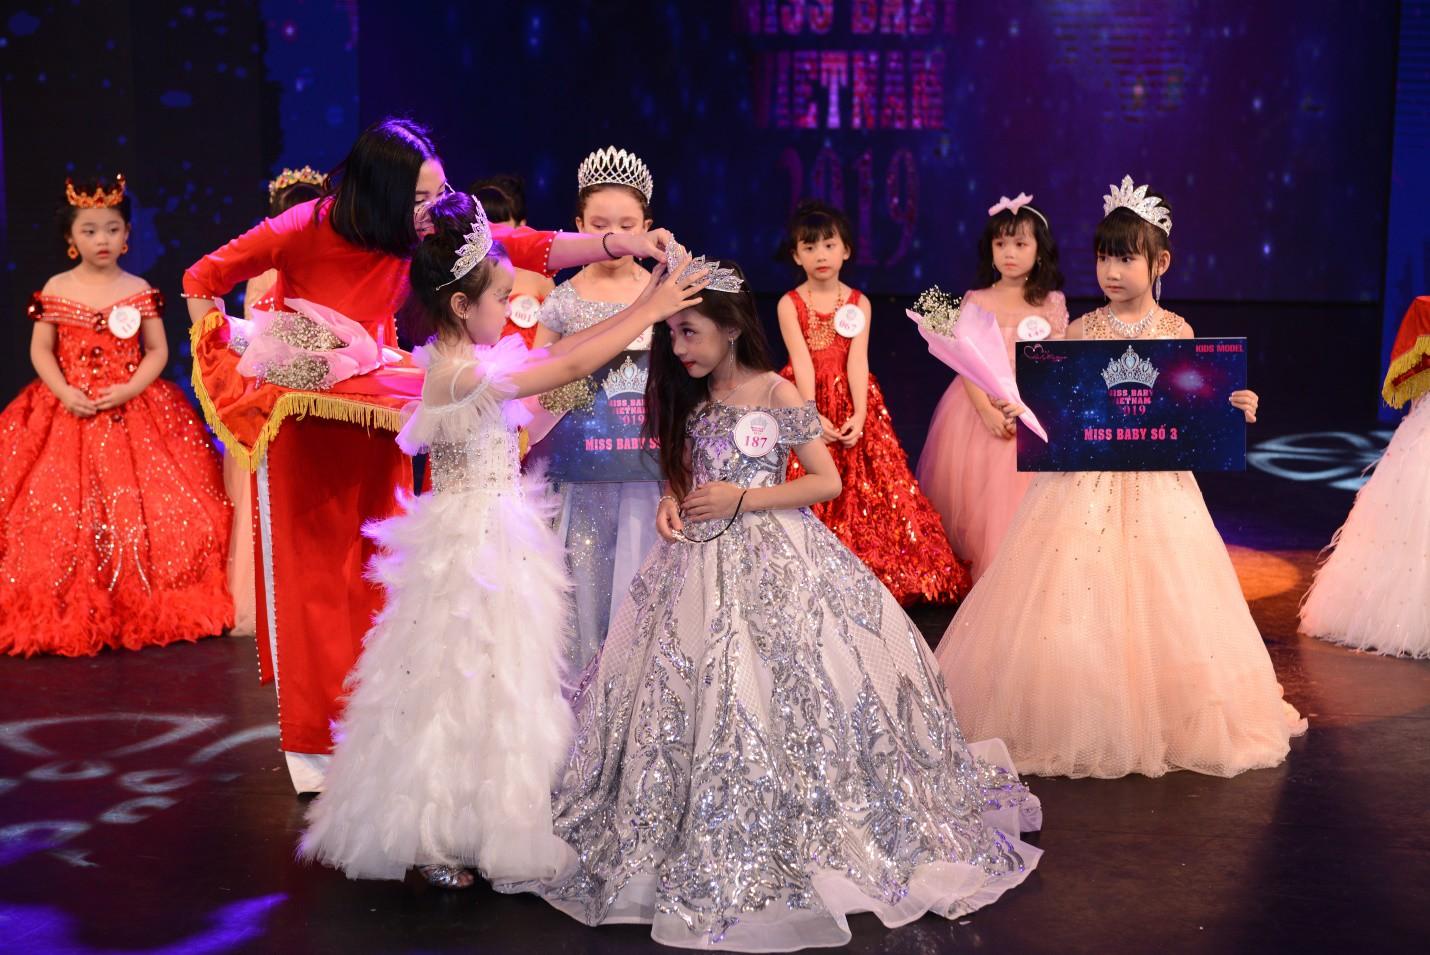 Nguyễn Thủy Tiên - Miss Baby Việt Nam 2018 sau 1 năm đăng quang - Ảnh 6.